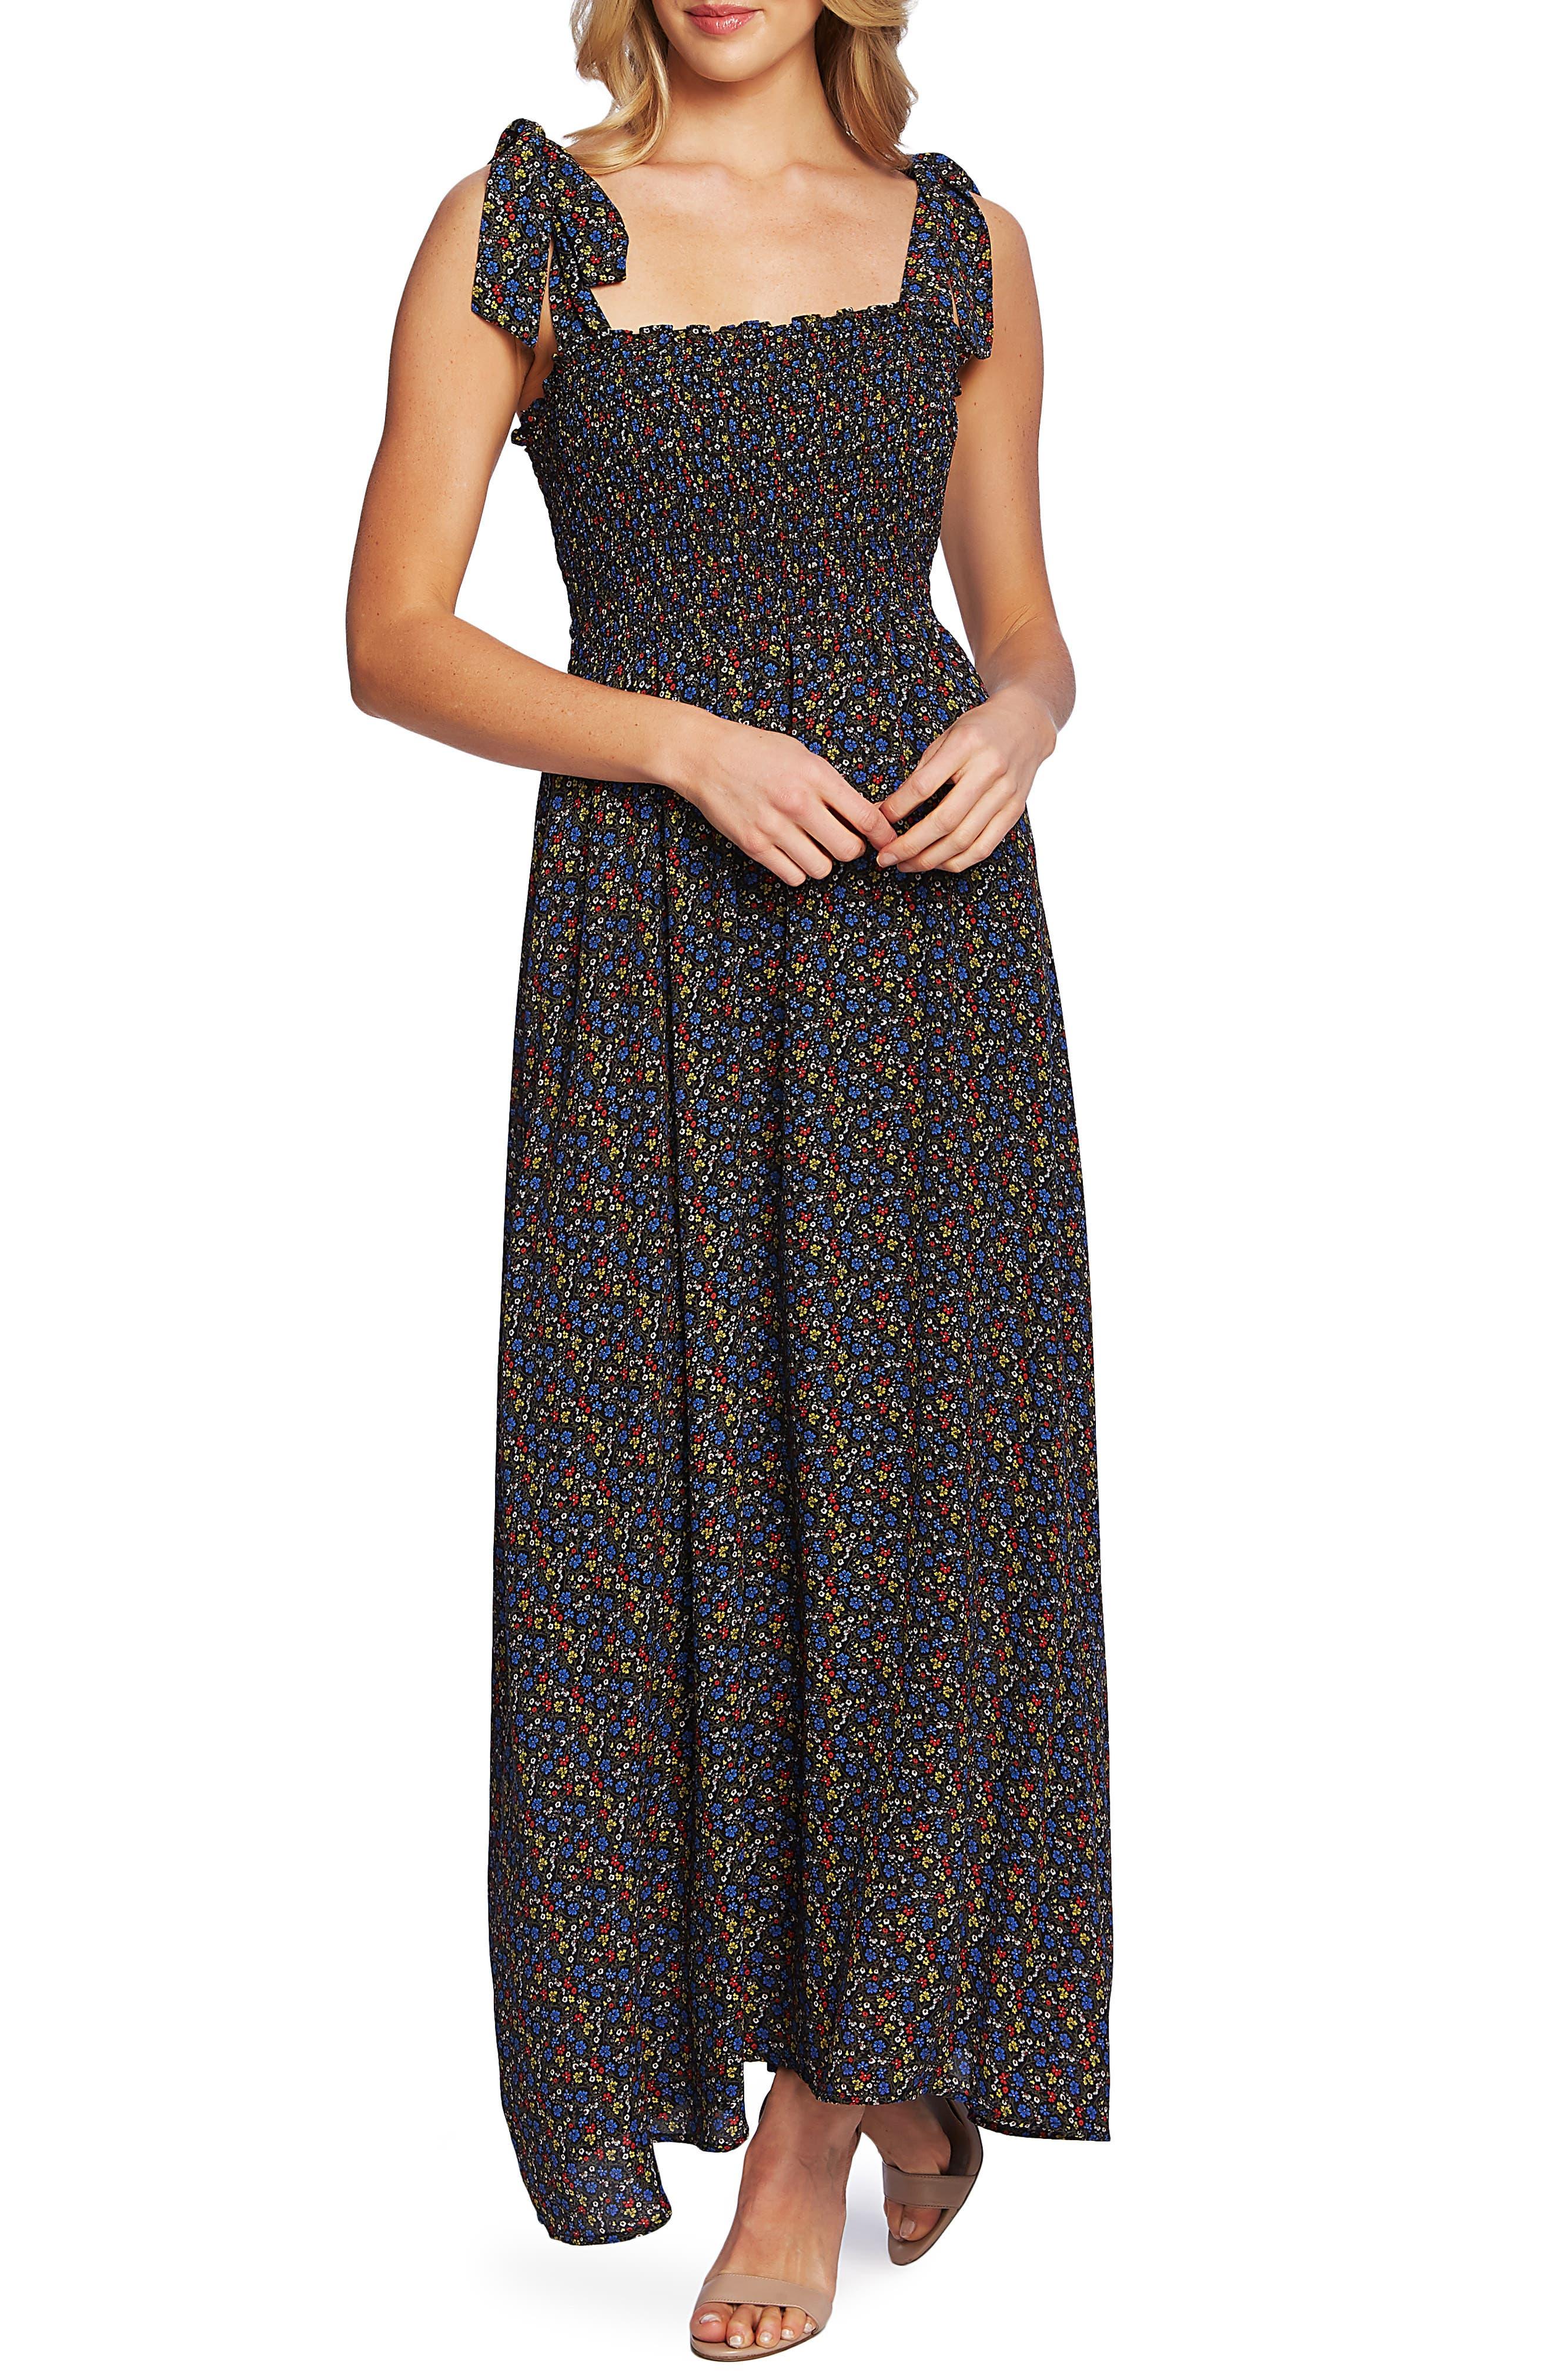 151a4d78f09 Cece Ditsy Print Maxi Dress, Black